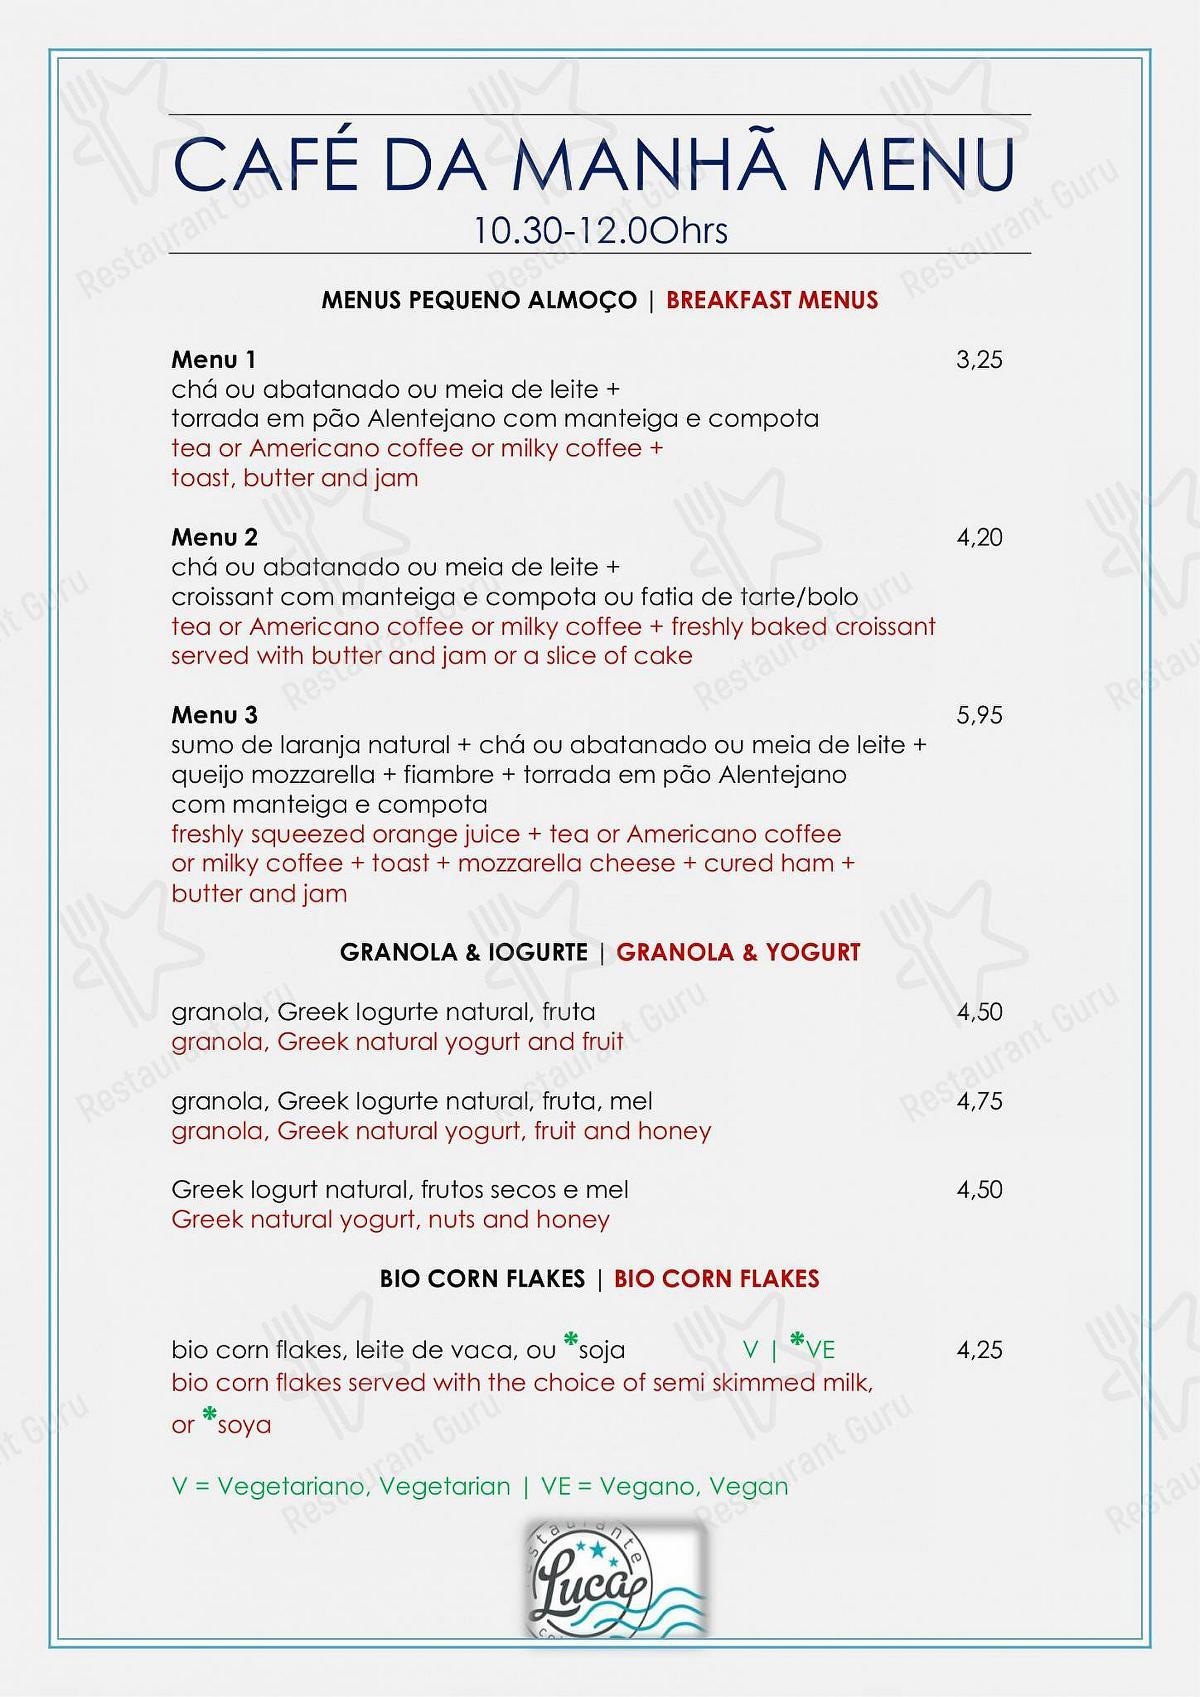 Luca menu